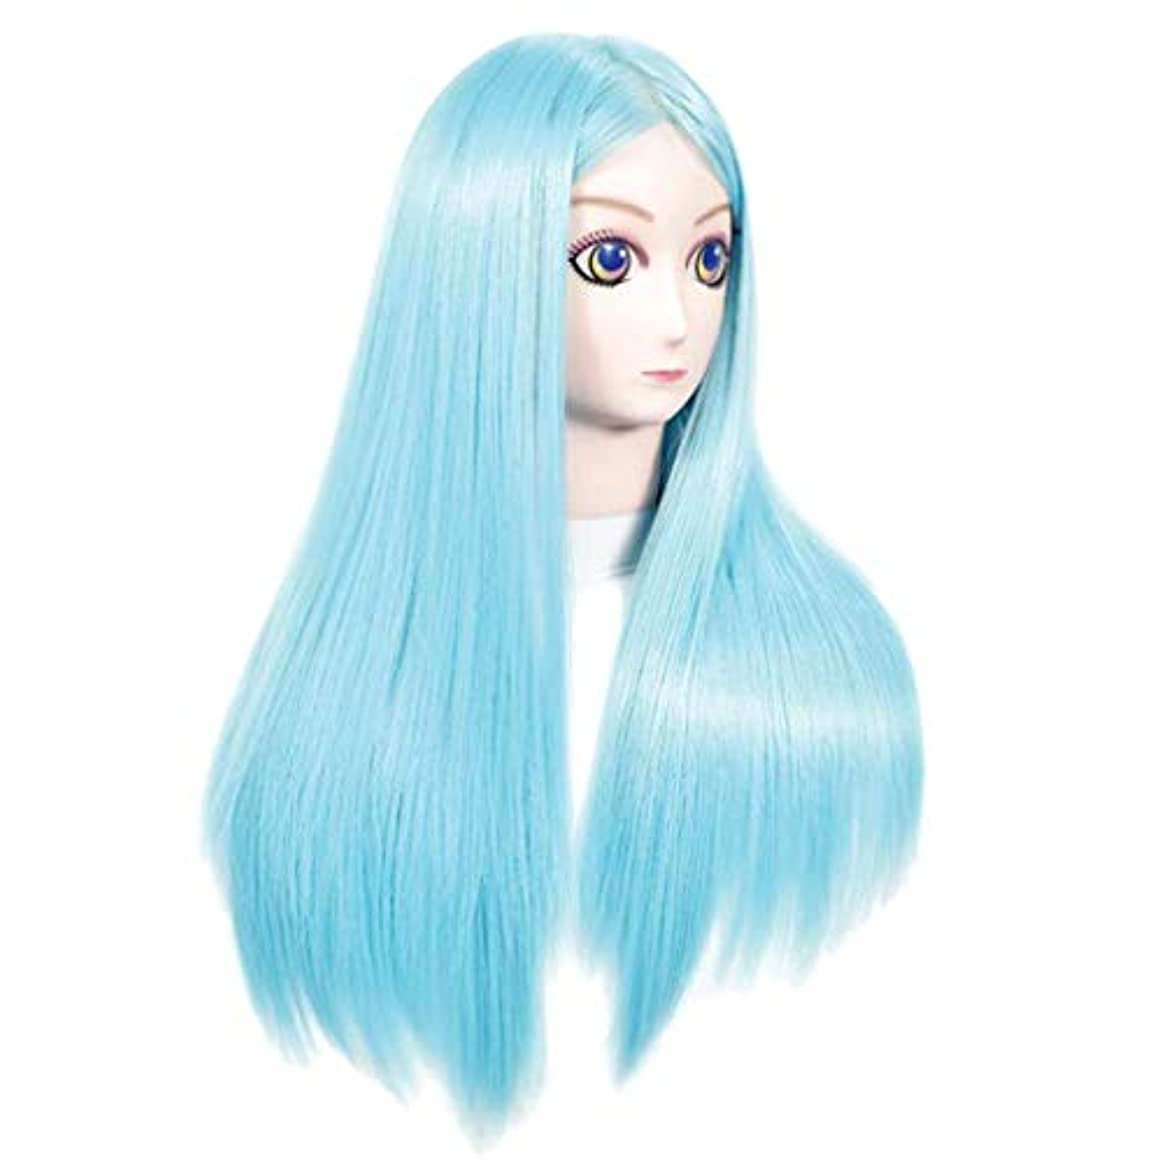 幻想ポットテレビを見るマネキンヘッド ウィッグ 合成かつら 理髪実践 トレーニング 練習スタンド 全2色 - ライトブルー